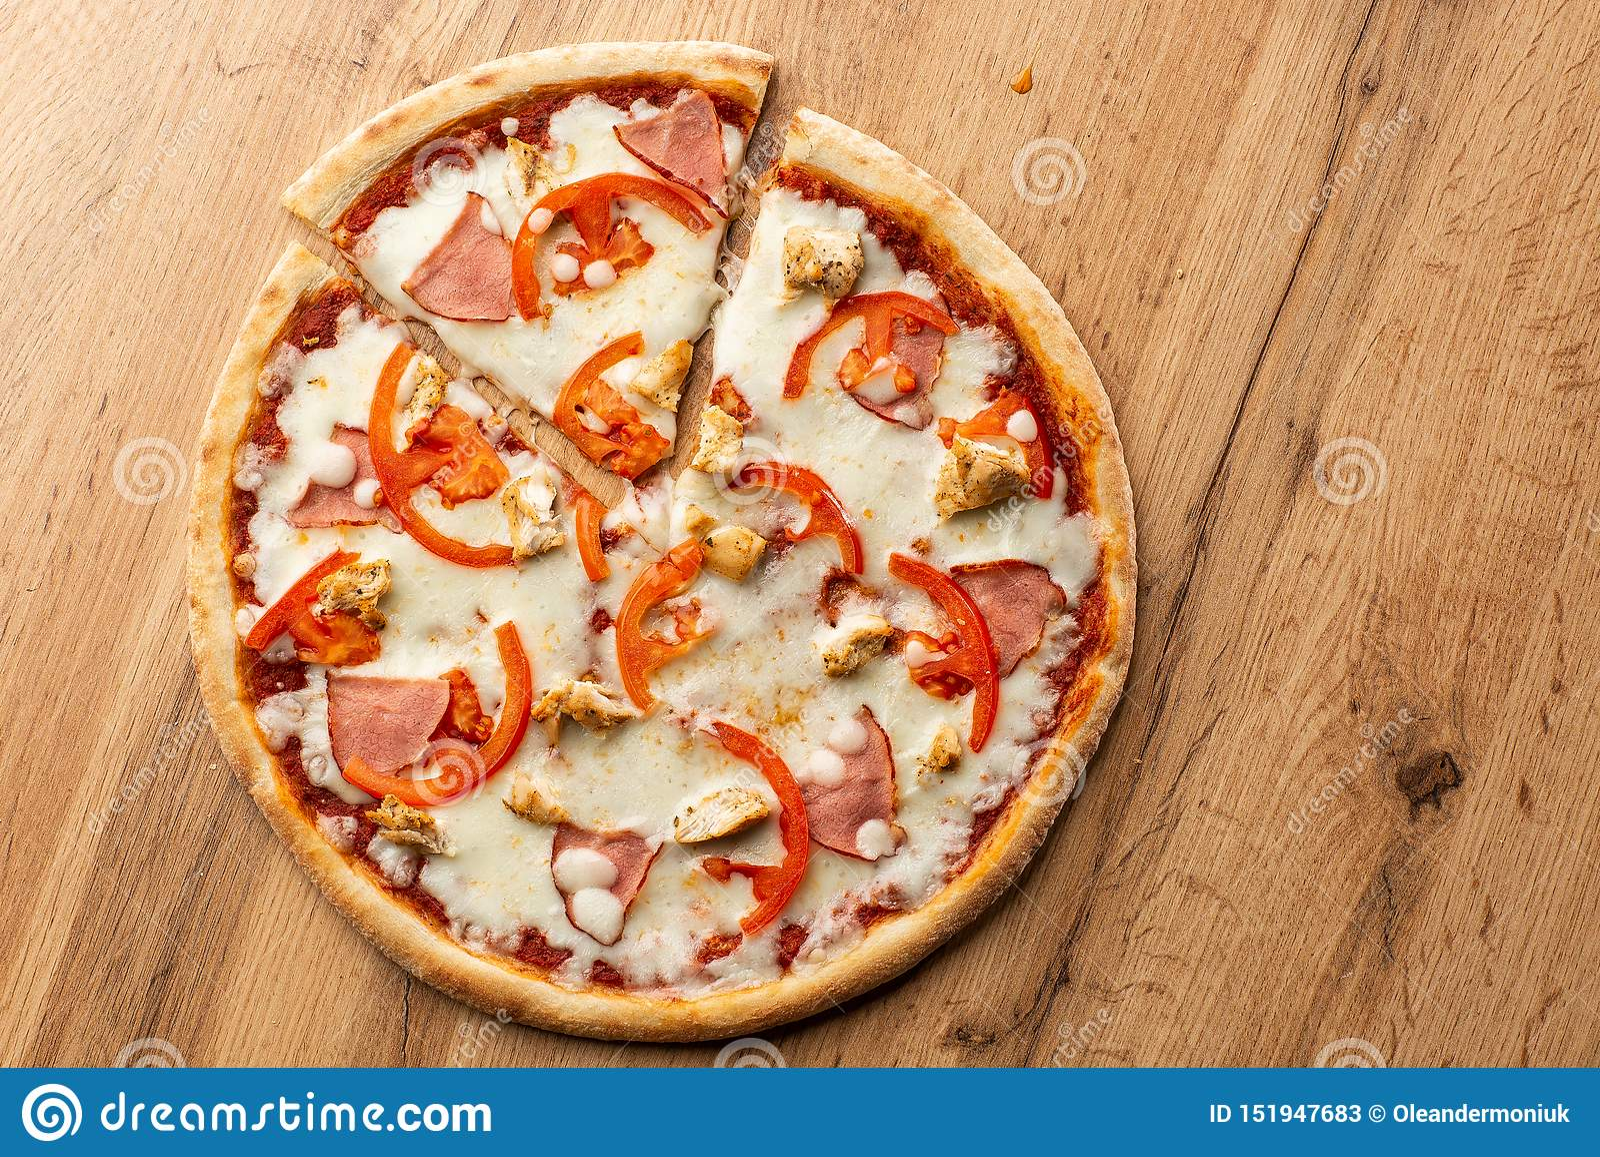 El plano pone con la pizza italiana tradicional con el pollo, el jamón, el queso y tomates en la parte posterior de madera